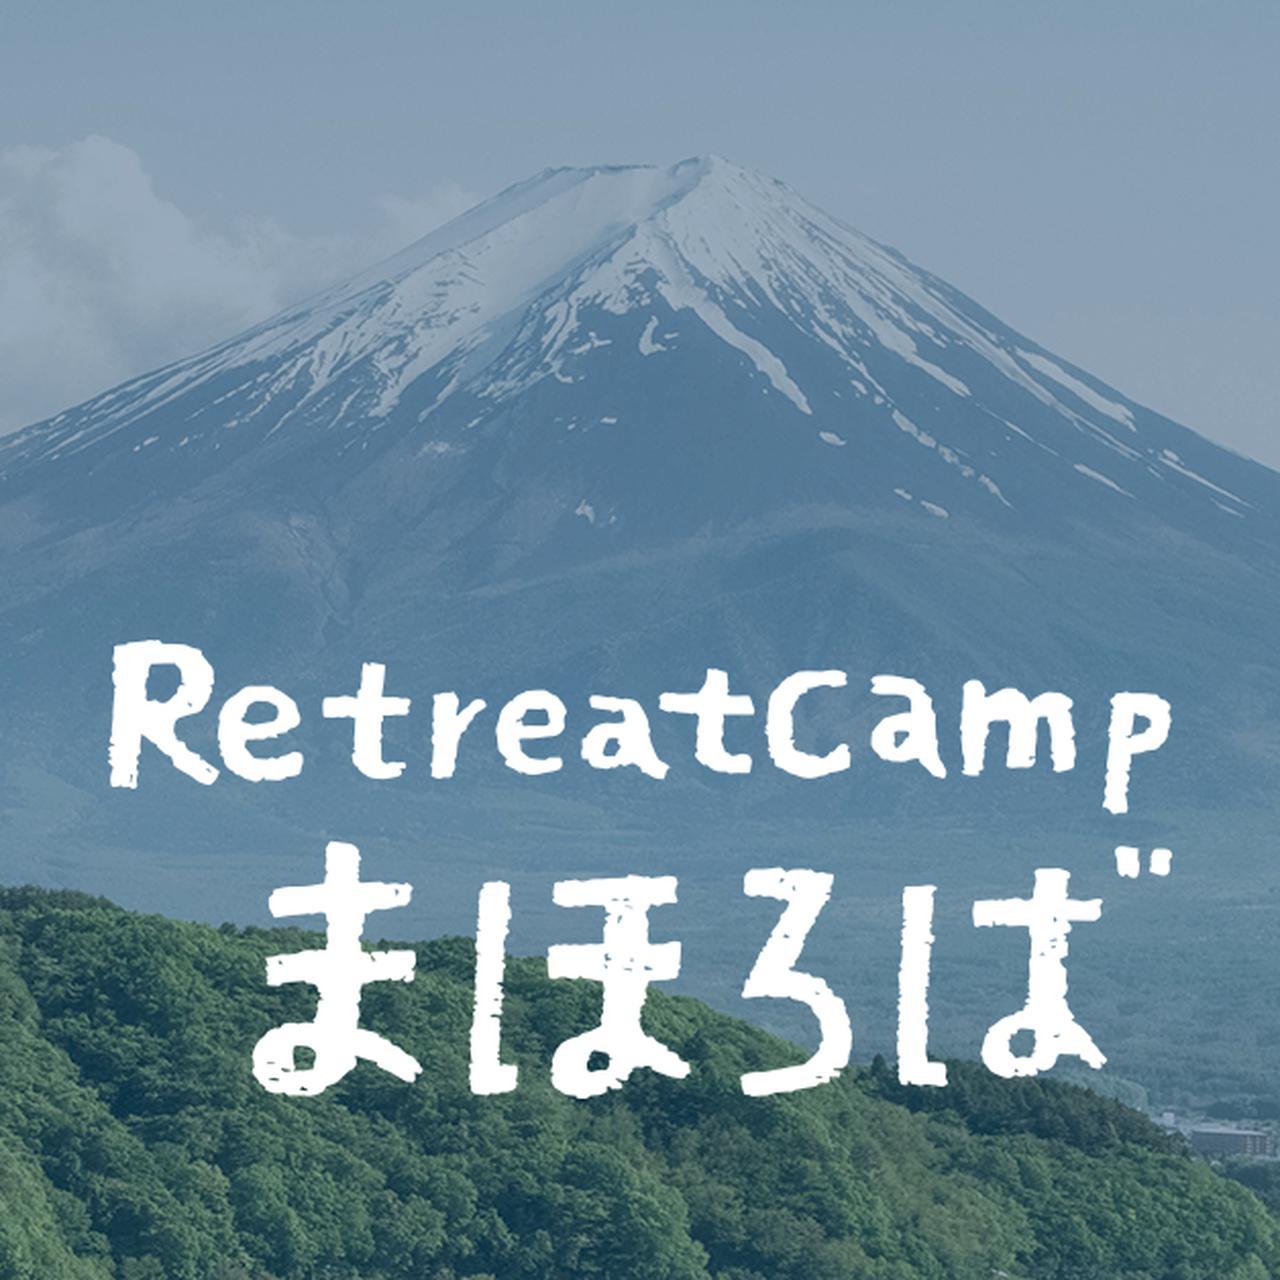 画像: 【公式】河口湖のキャンプ場なら「 RetreatCamp まほろば 」〜 河口湖・富士山・キャンプ場・トレーラーハウス・コテージ・タイニーハウス・パオ